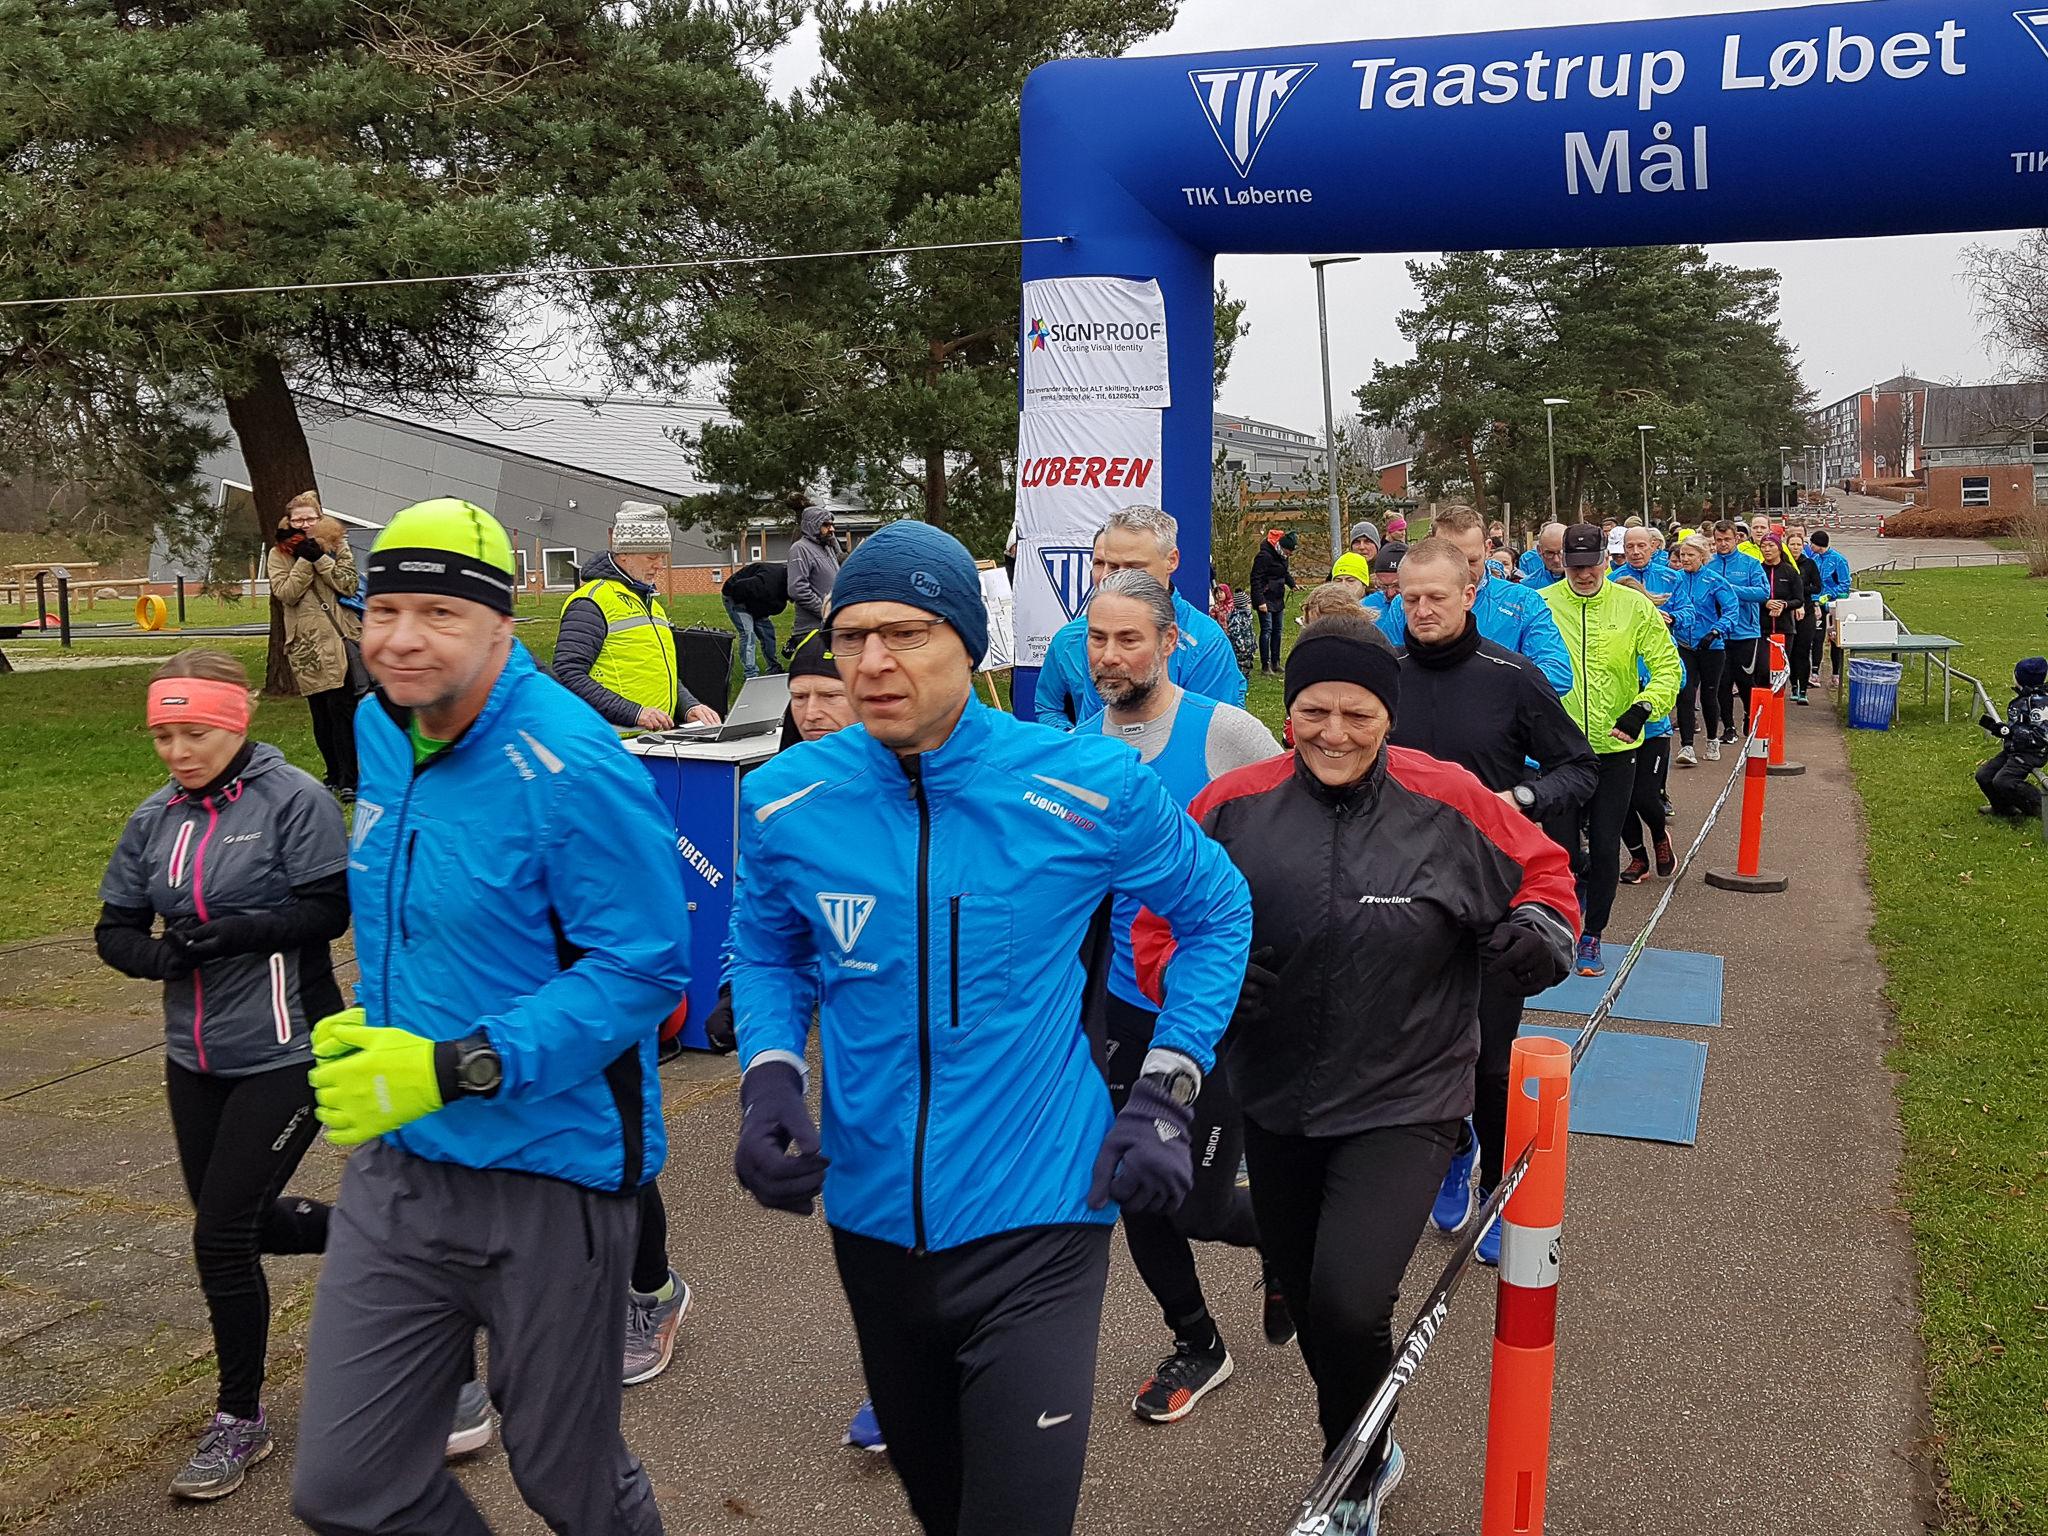 2020-02-09-140-Taastrup-Løbet-2020-02